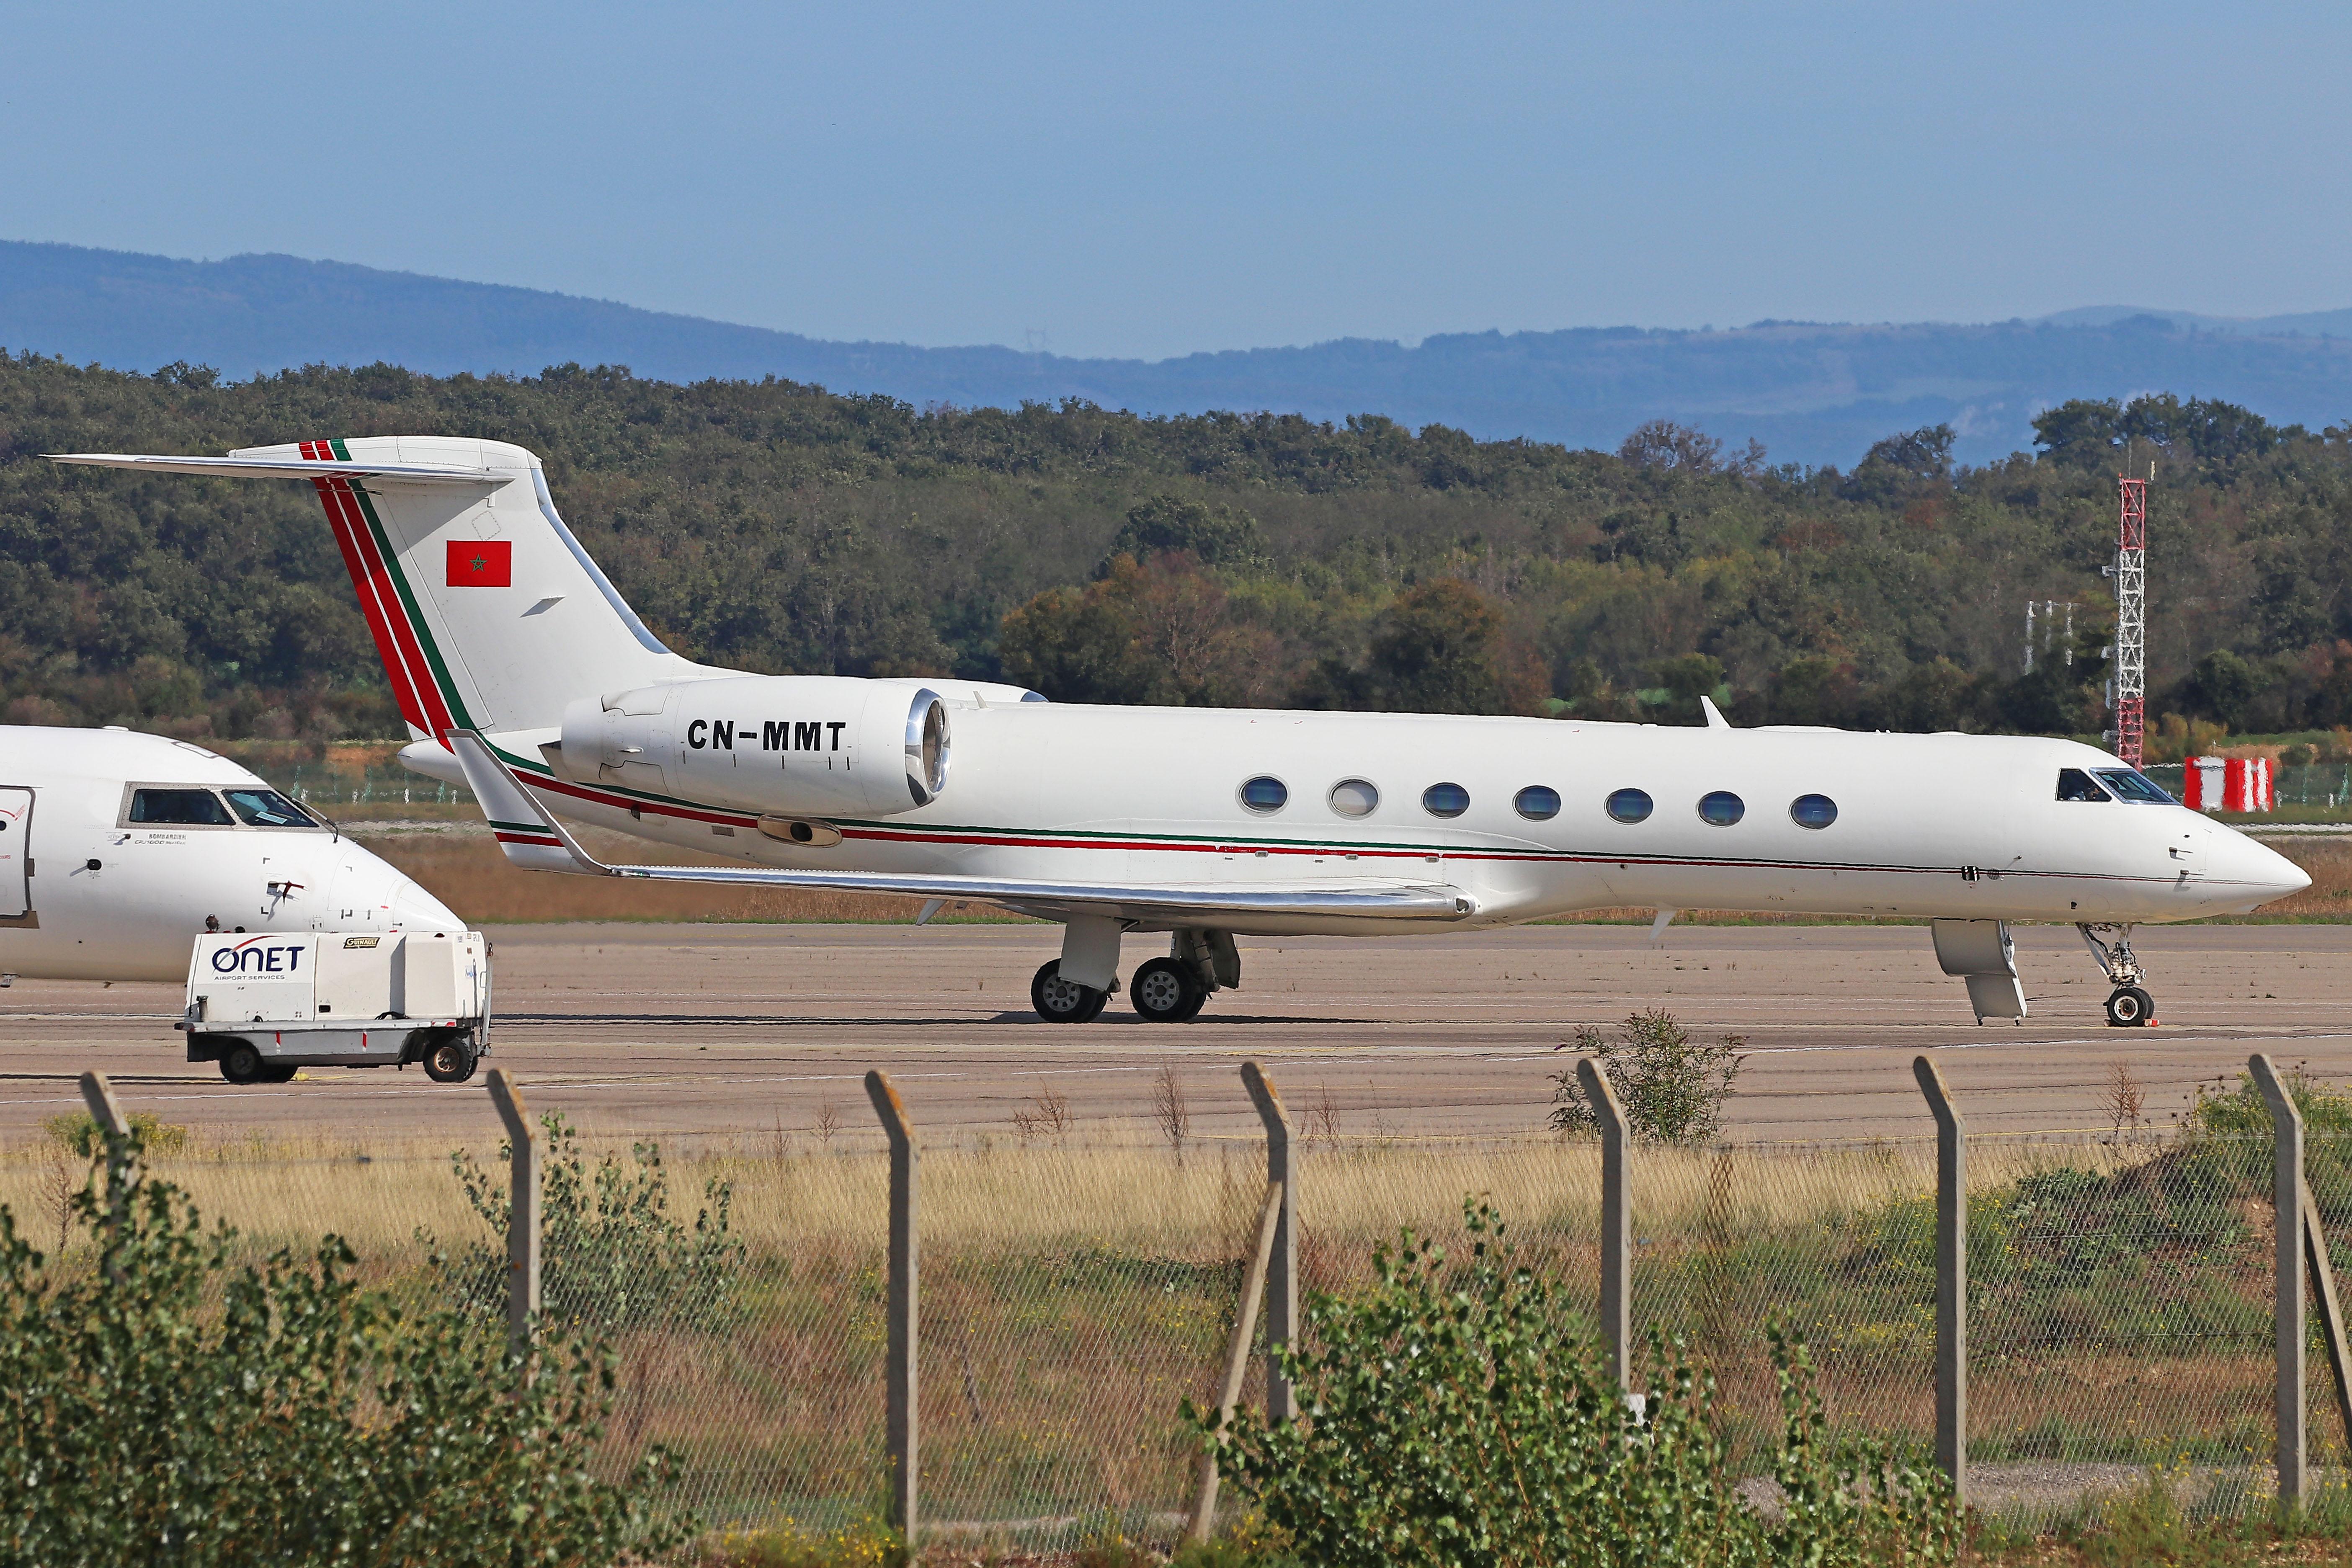 FRA: Avions VIP, Liaison & ECM - Page 25 50436948451_19a66052ba_o_d